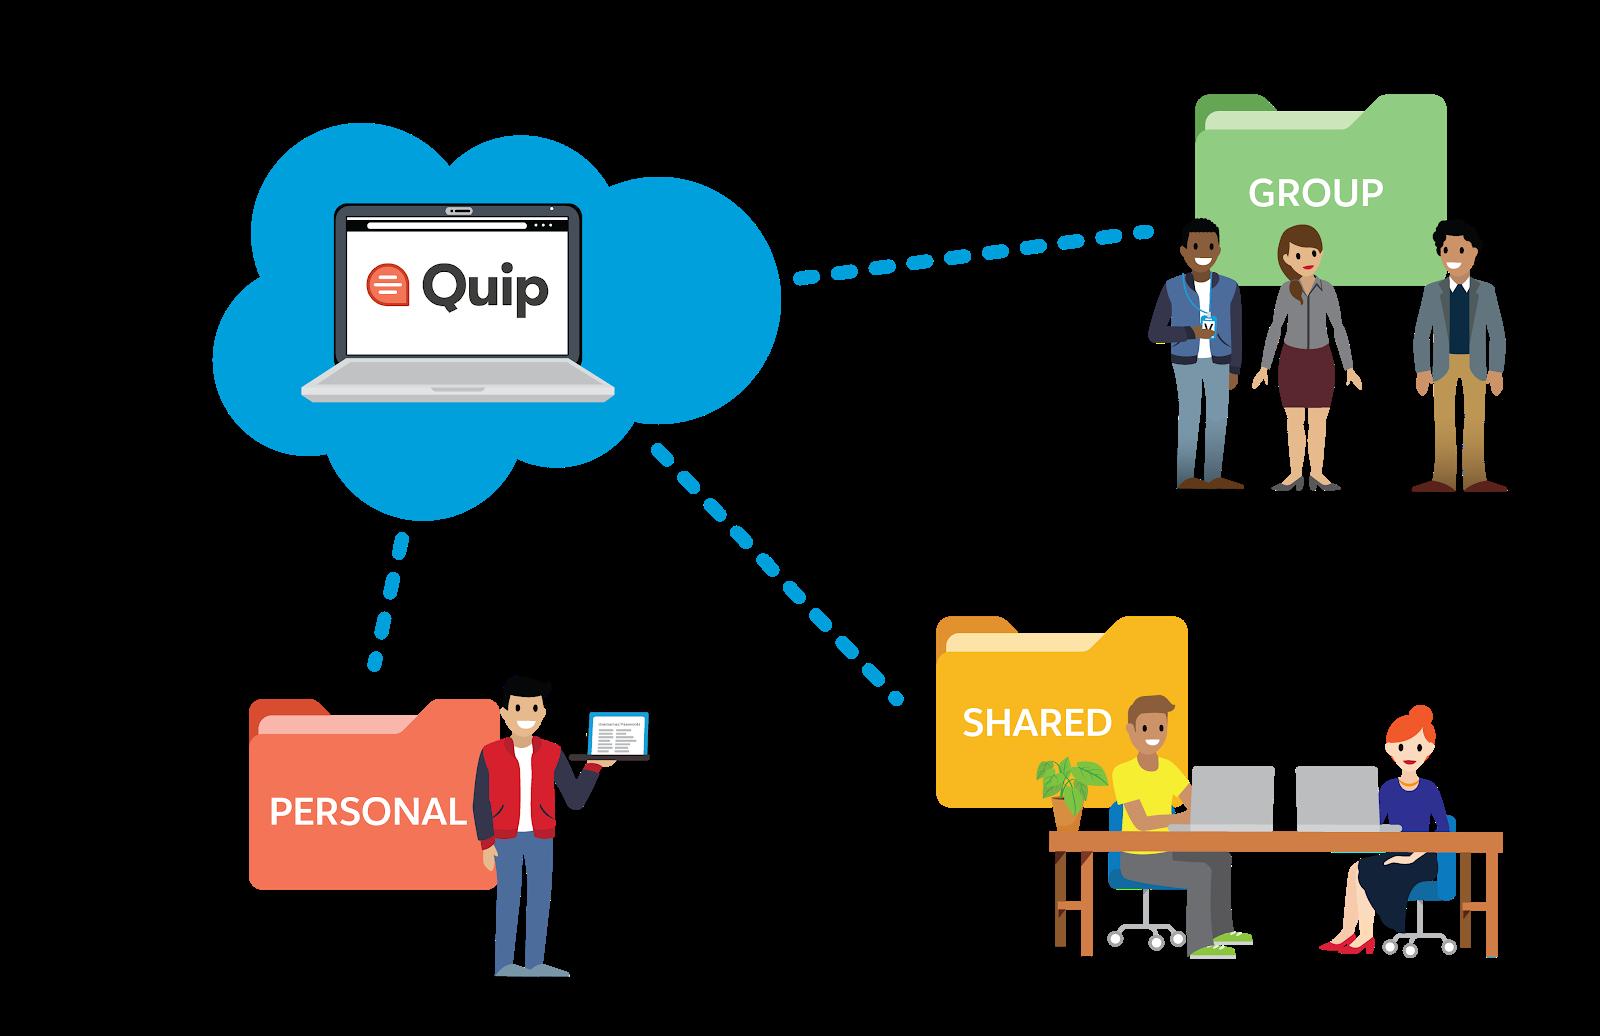 個人、共有、グループの 3 つのフォルダにリンクされている Quip 文書。